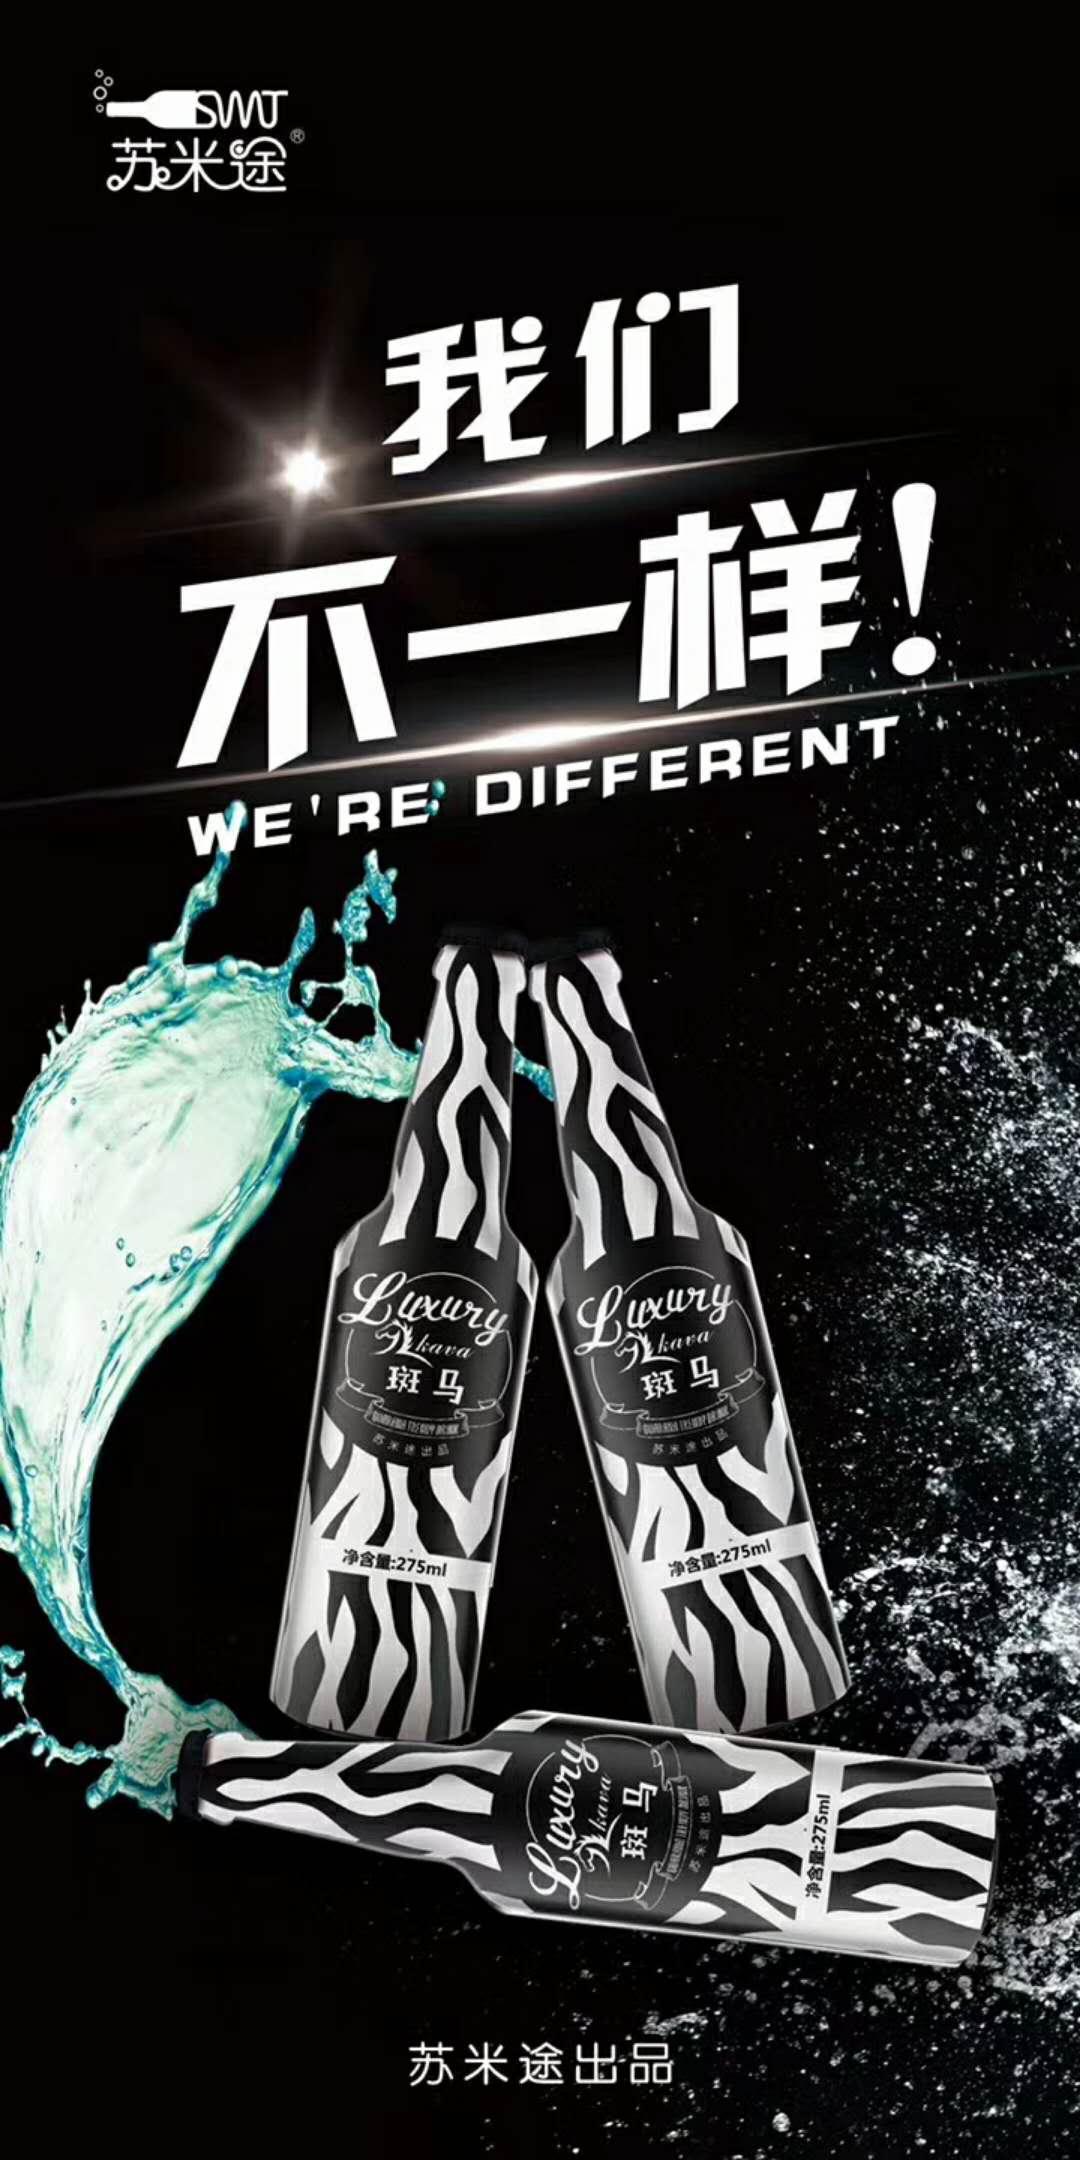 原裝正版蘇米途斑馬_酒瓜拉納功能飲料275ml_24瓶